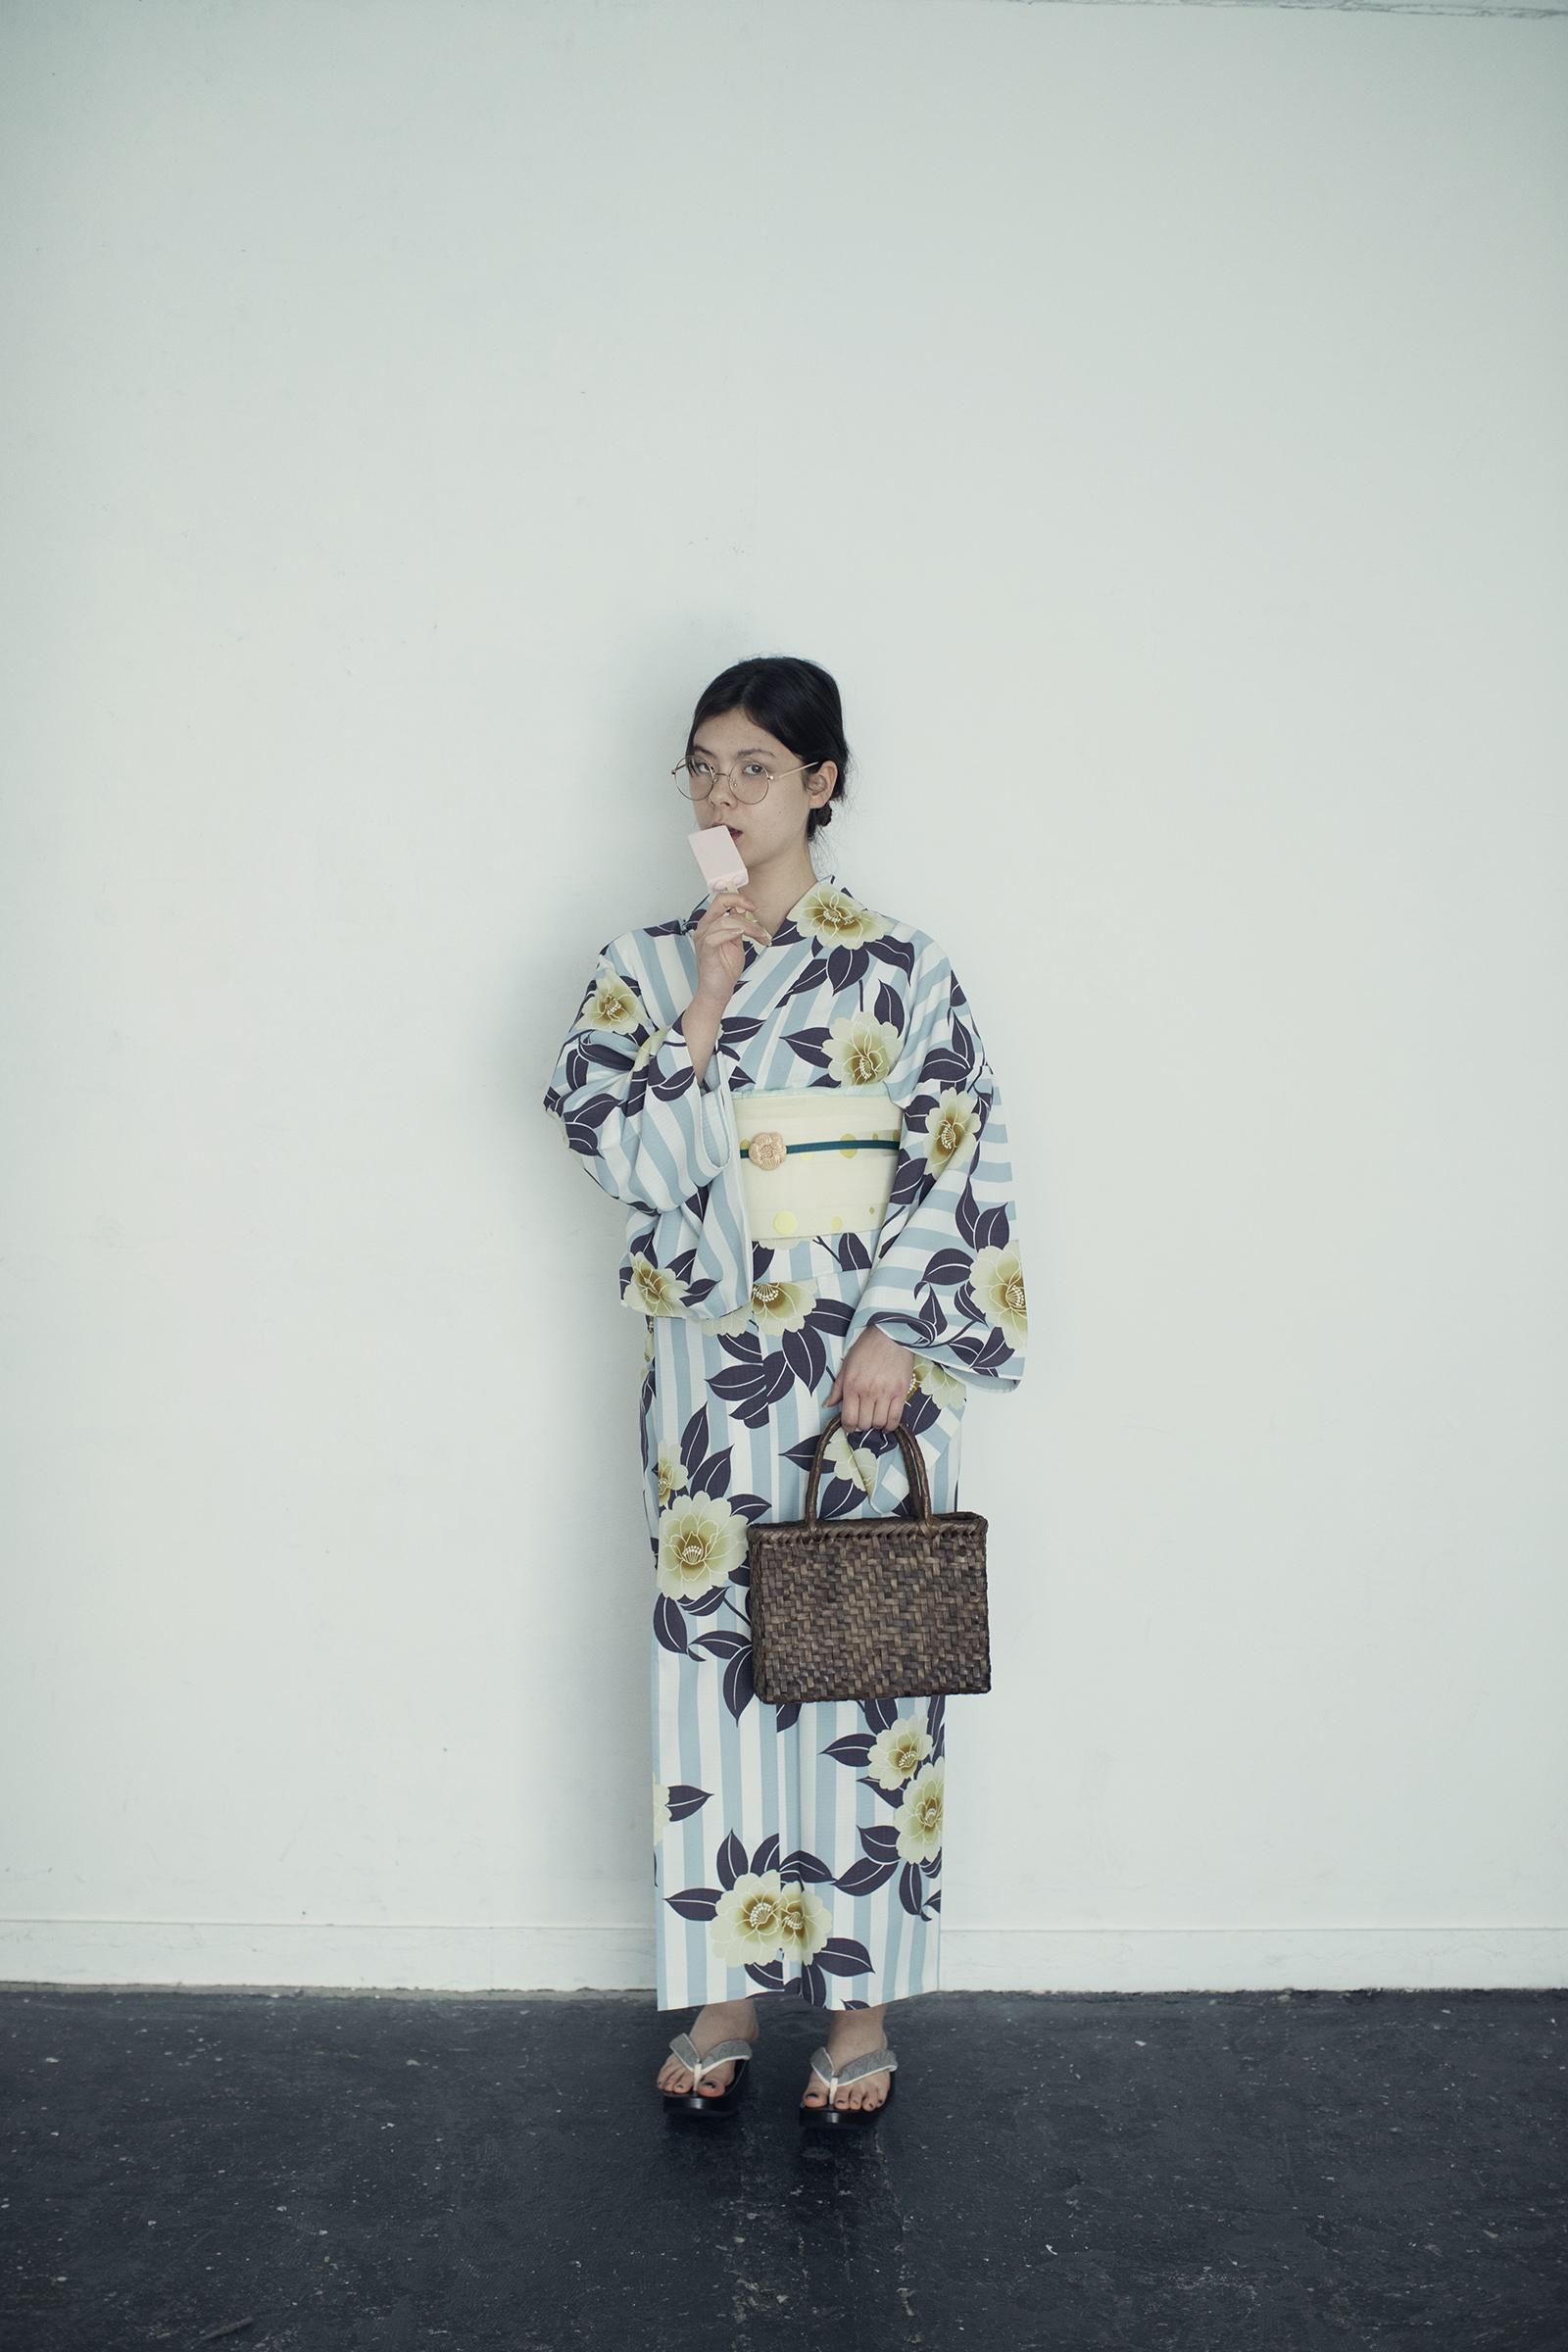 洗えるゆかた / 桜花ストライプブルー / ポリエステル